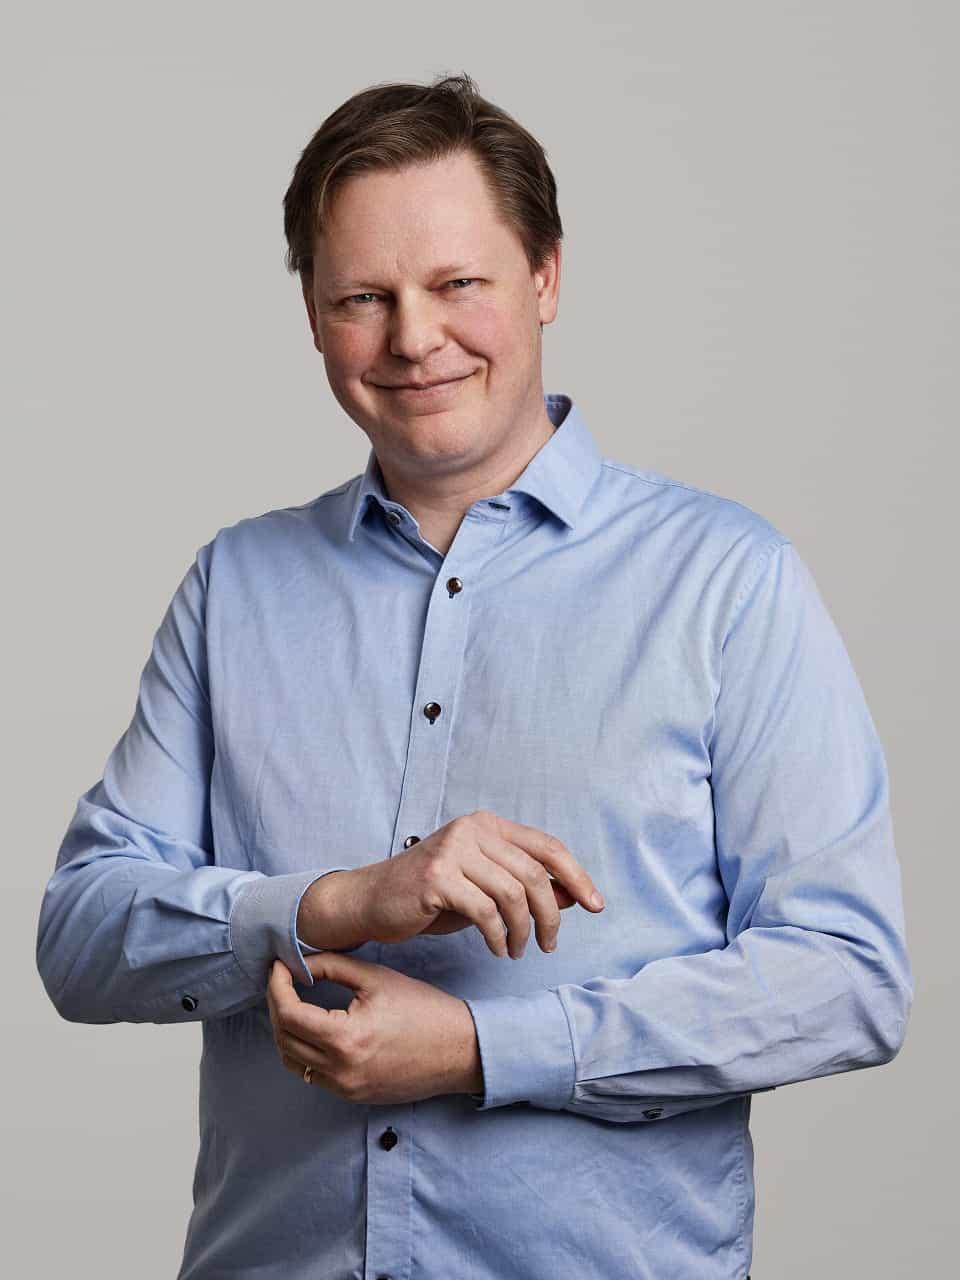 Martin Lindboe